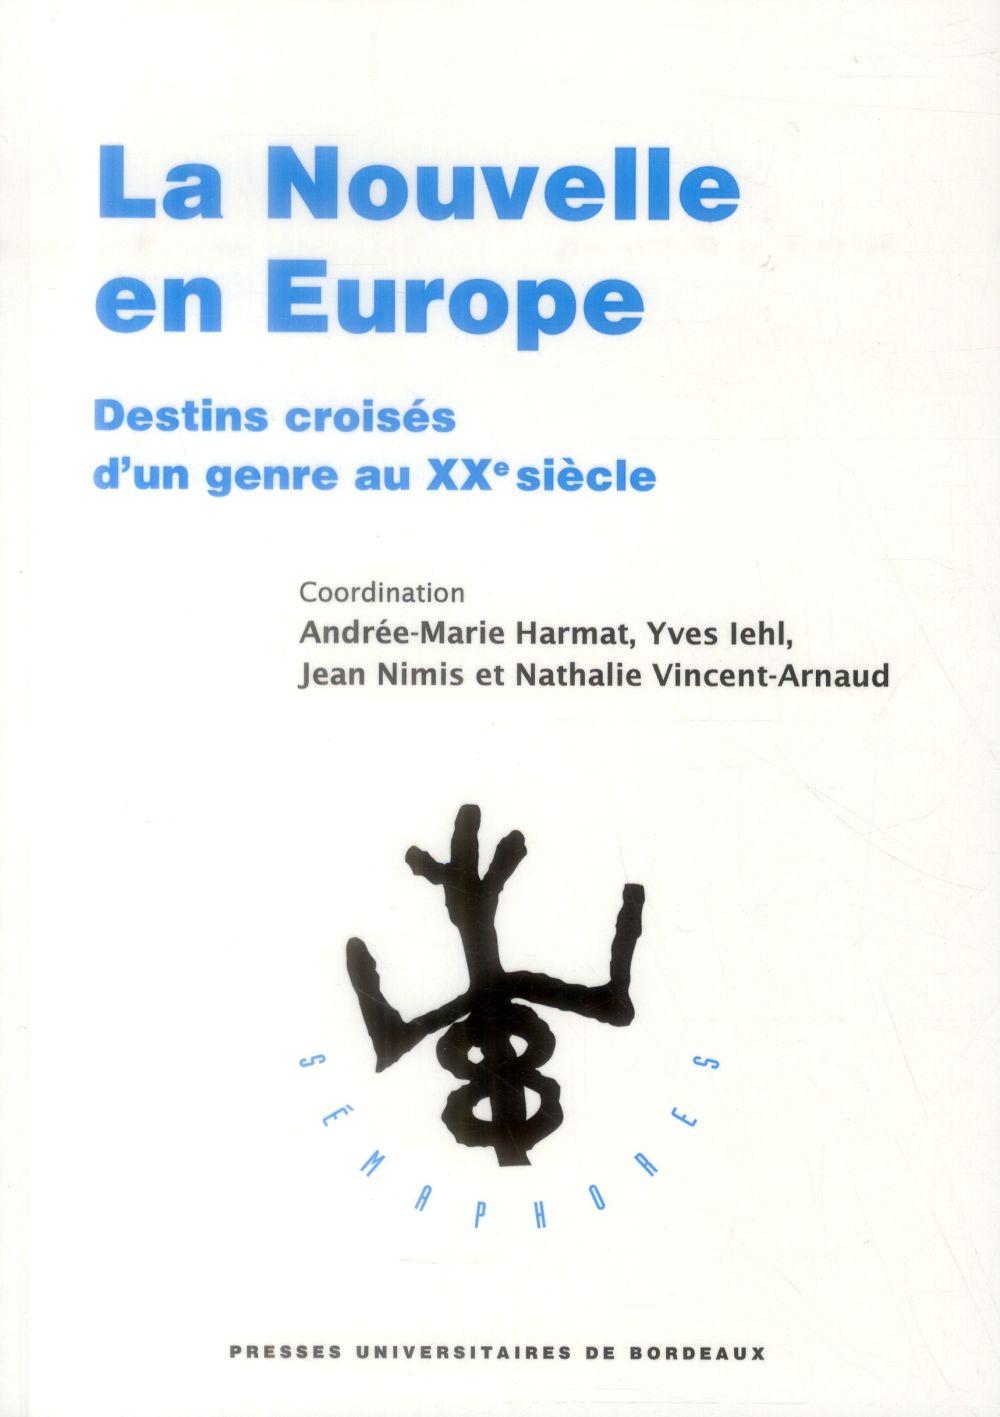 LA NOUVELLE EN EUROPE DESTINS CROISES D'UN GENRE AU XXE SIECLE